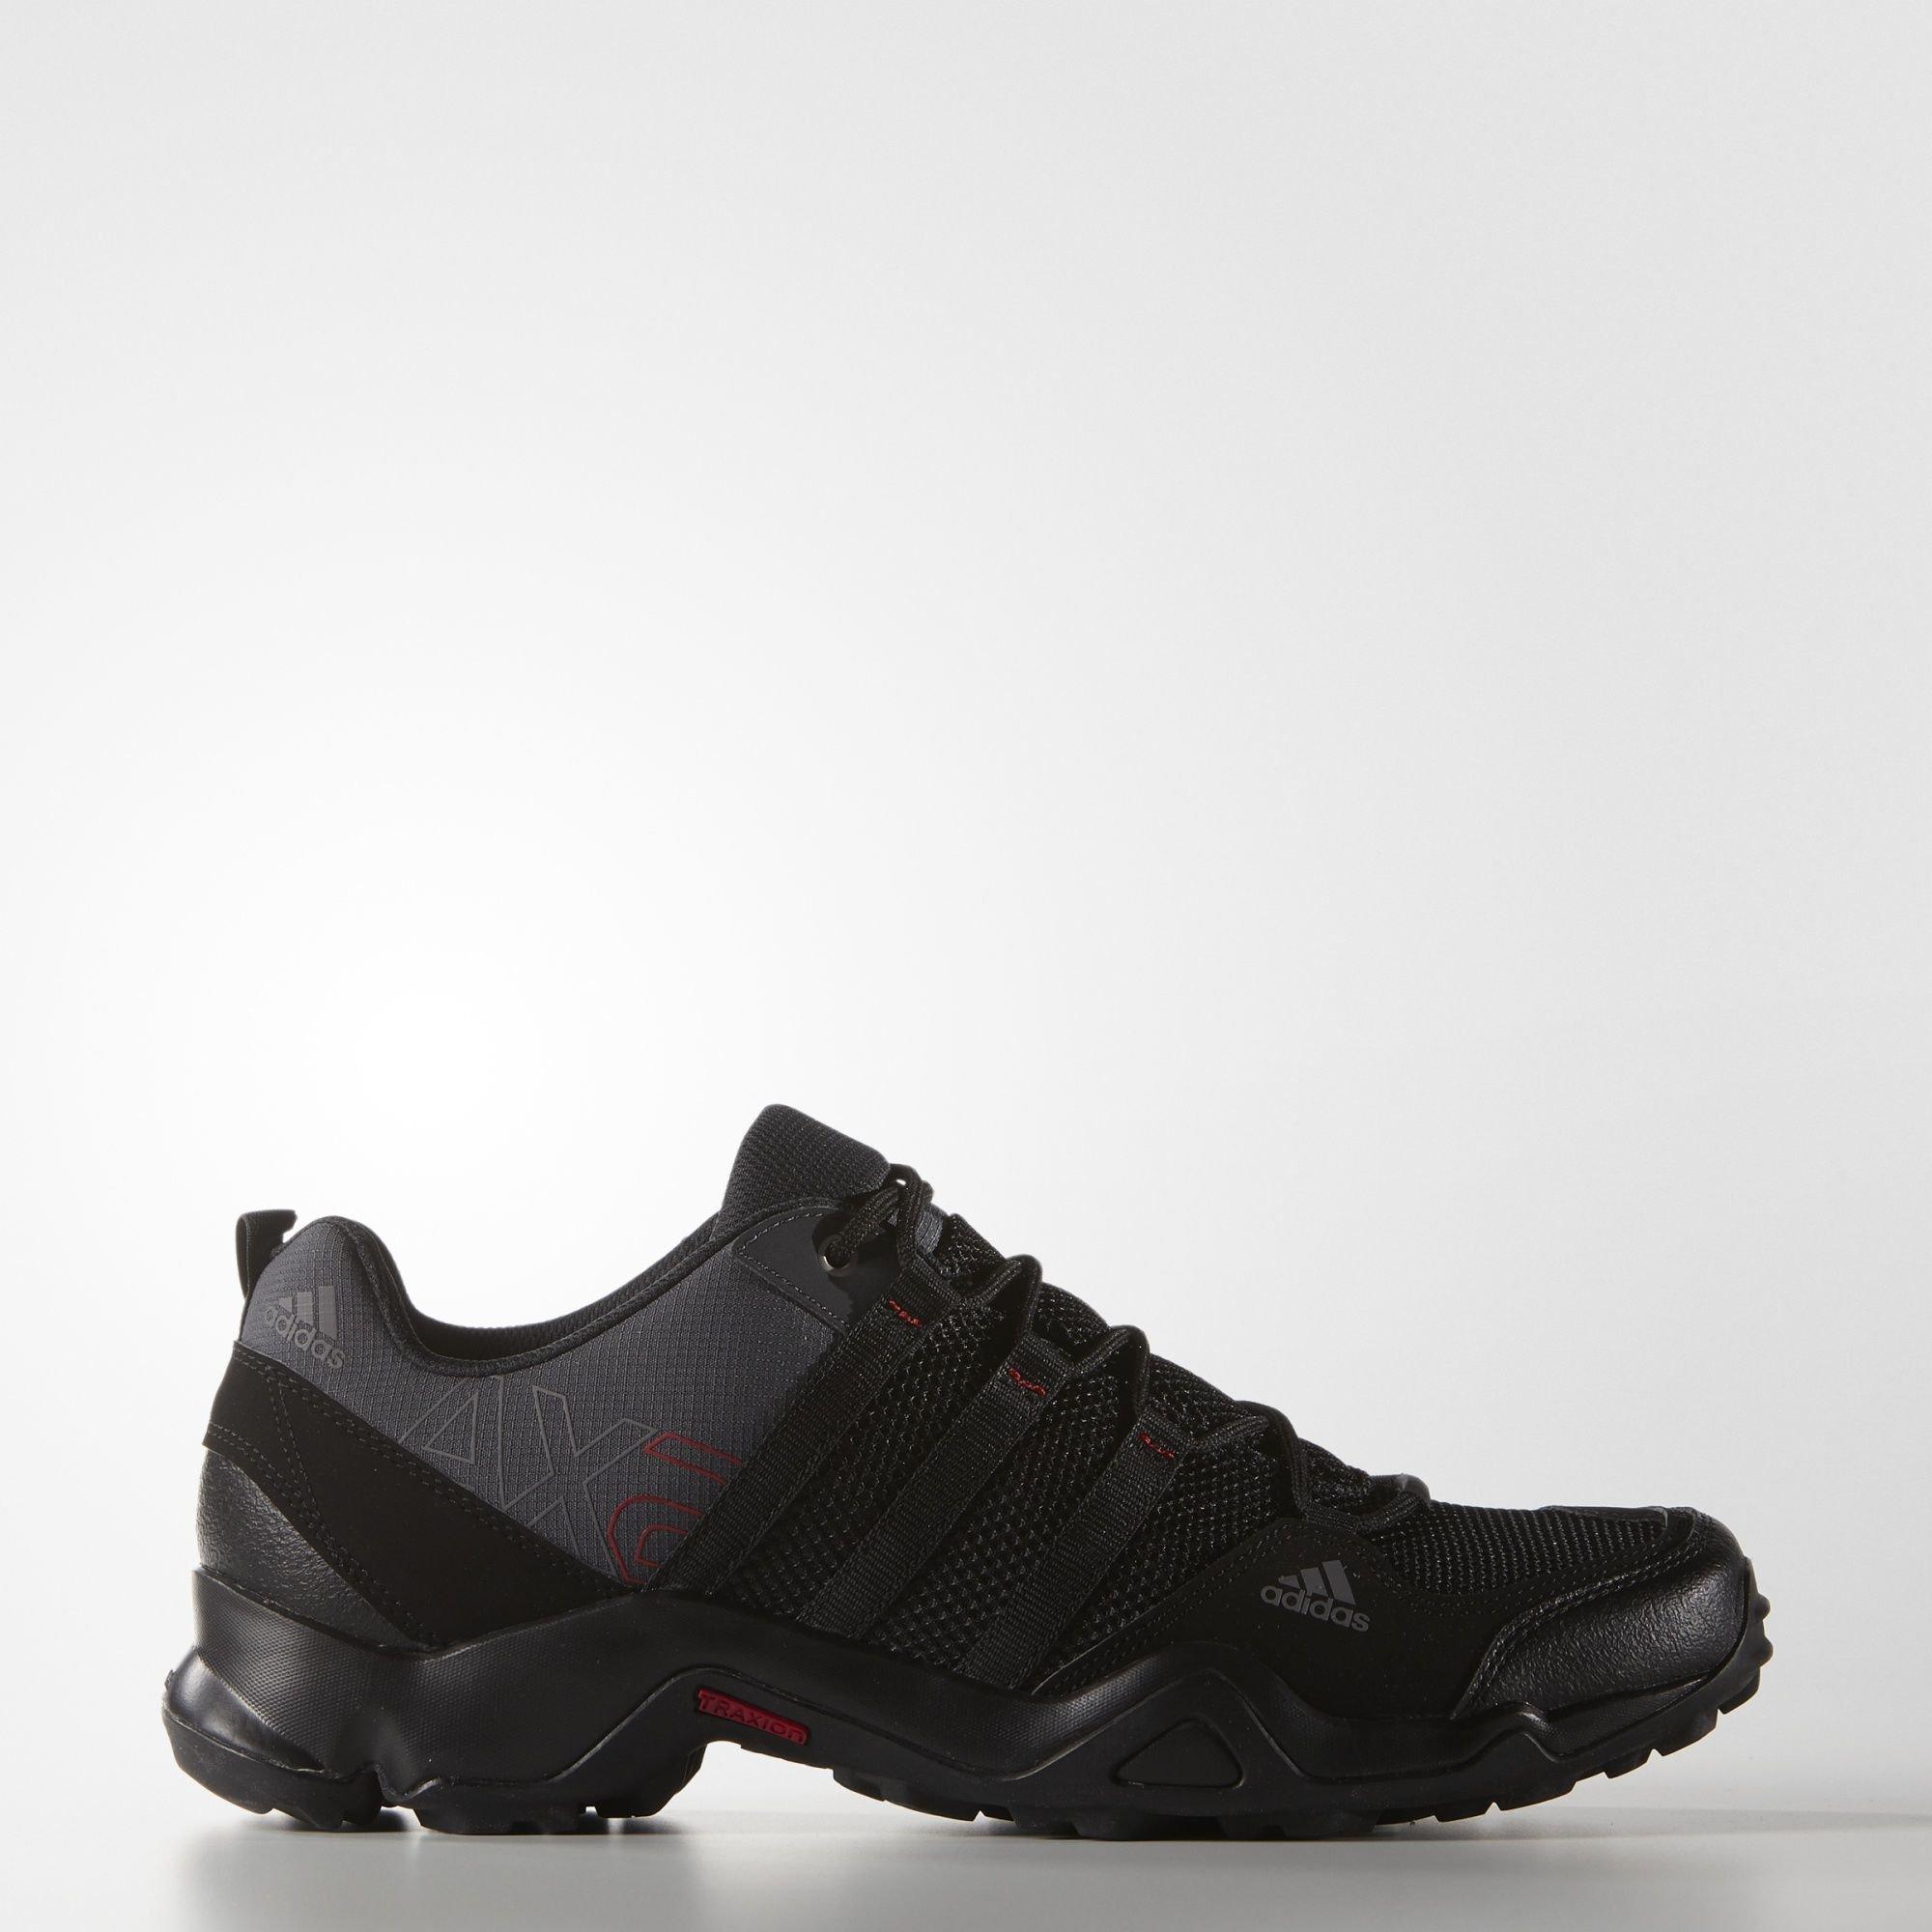 Обувь для активного отдыха AX2 adidas TERREX Dark Grey/Core Black/Scarlet